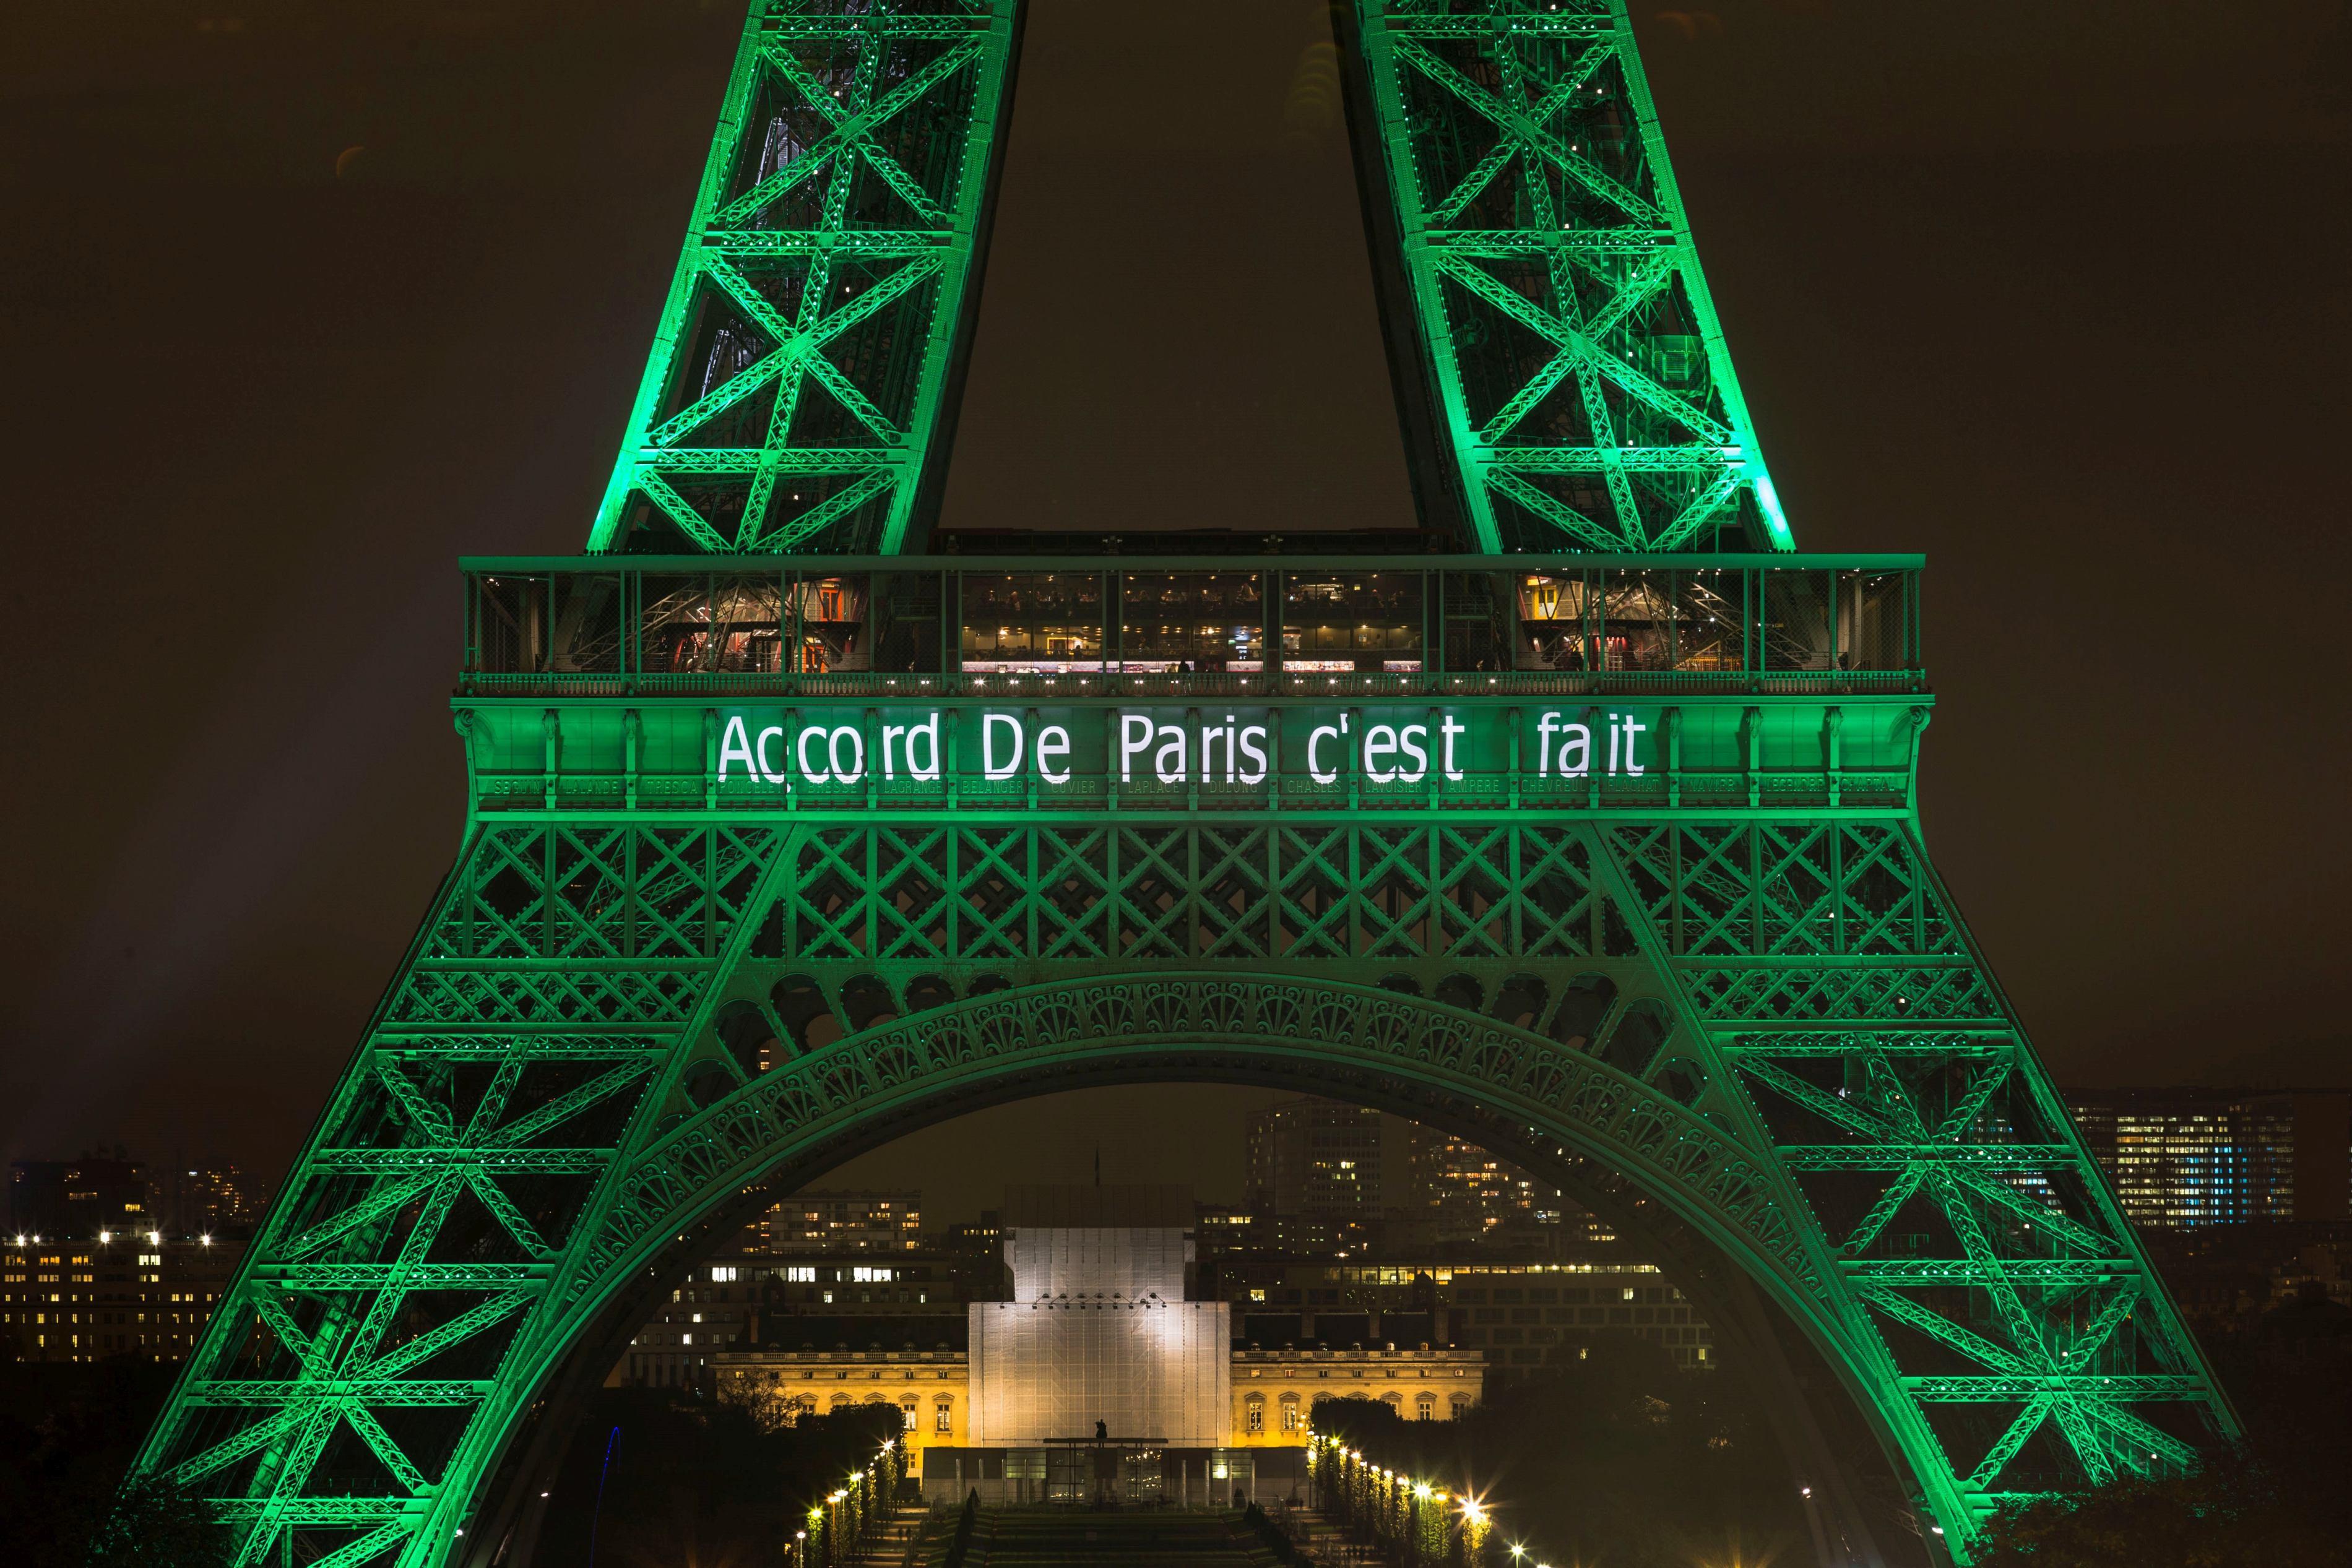 Consiliul UE respinge cererea lui Donald Trump de a modifica Acordul de la Paris: este adecvat scopului şi nu poate fi renegociat